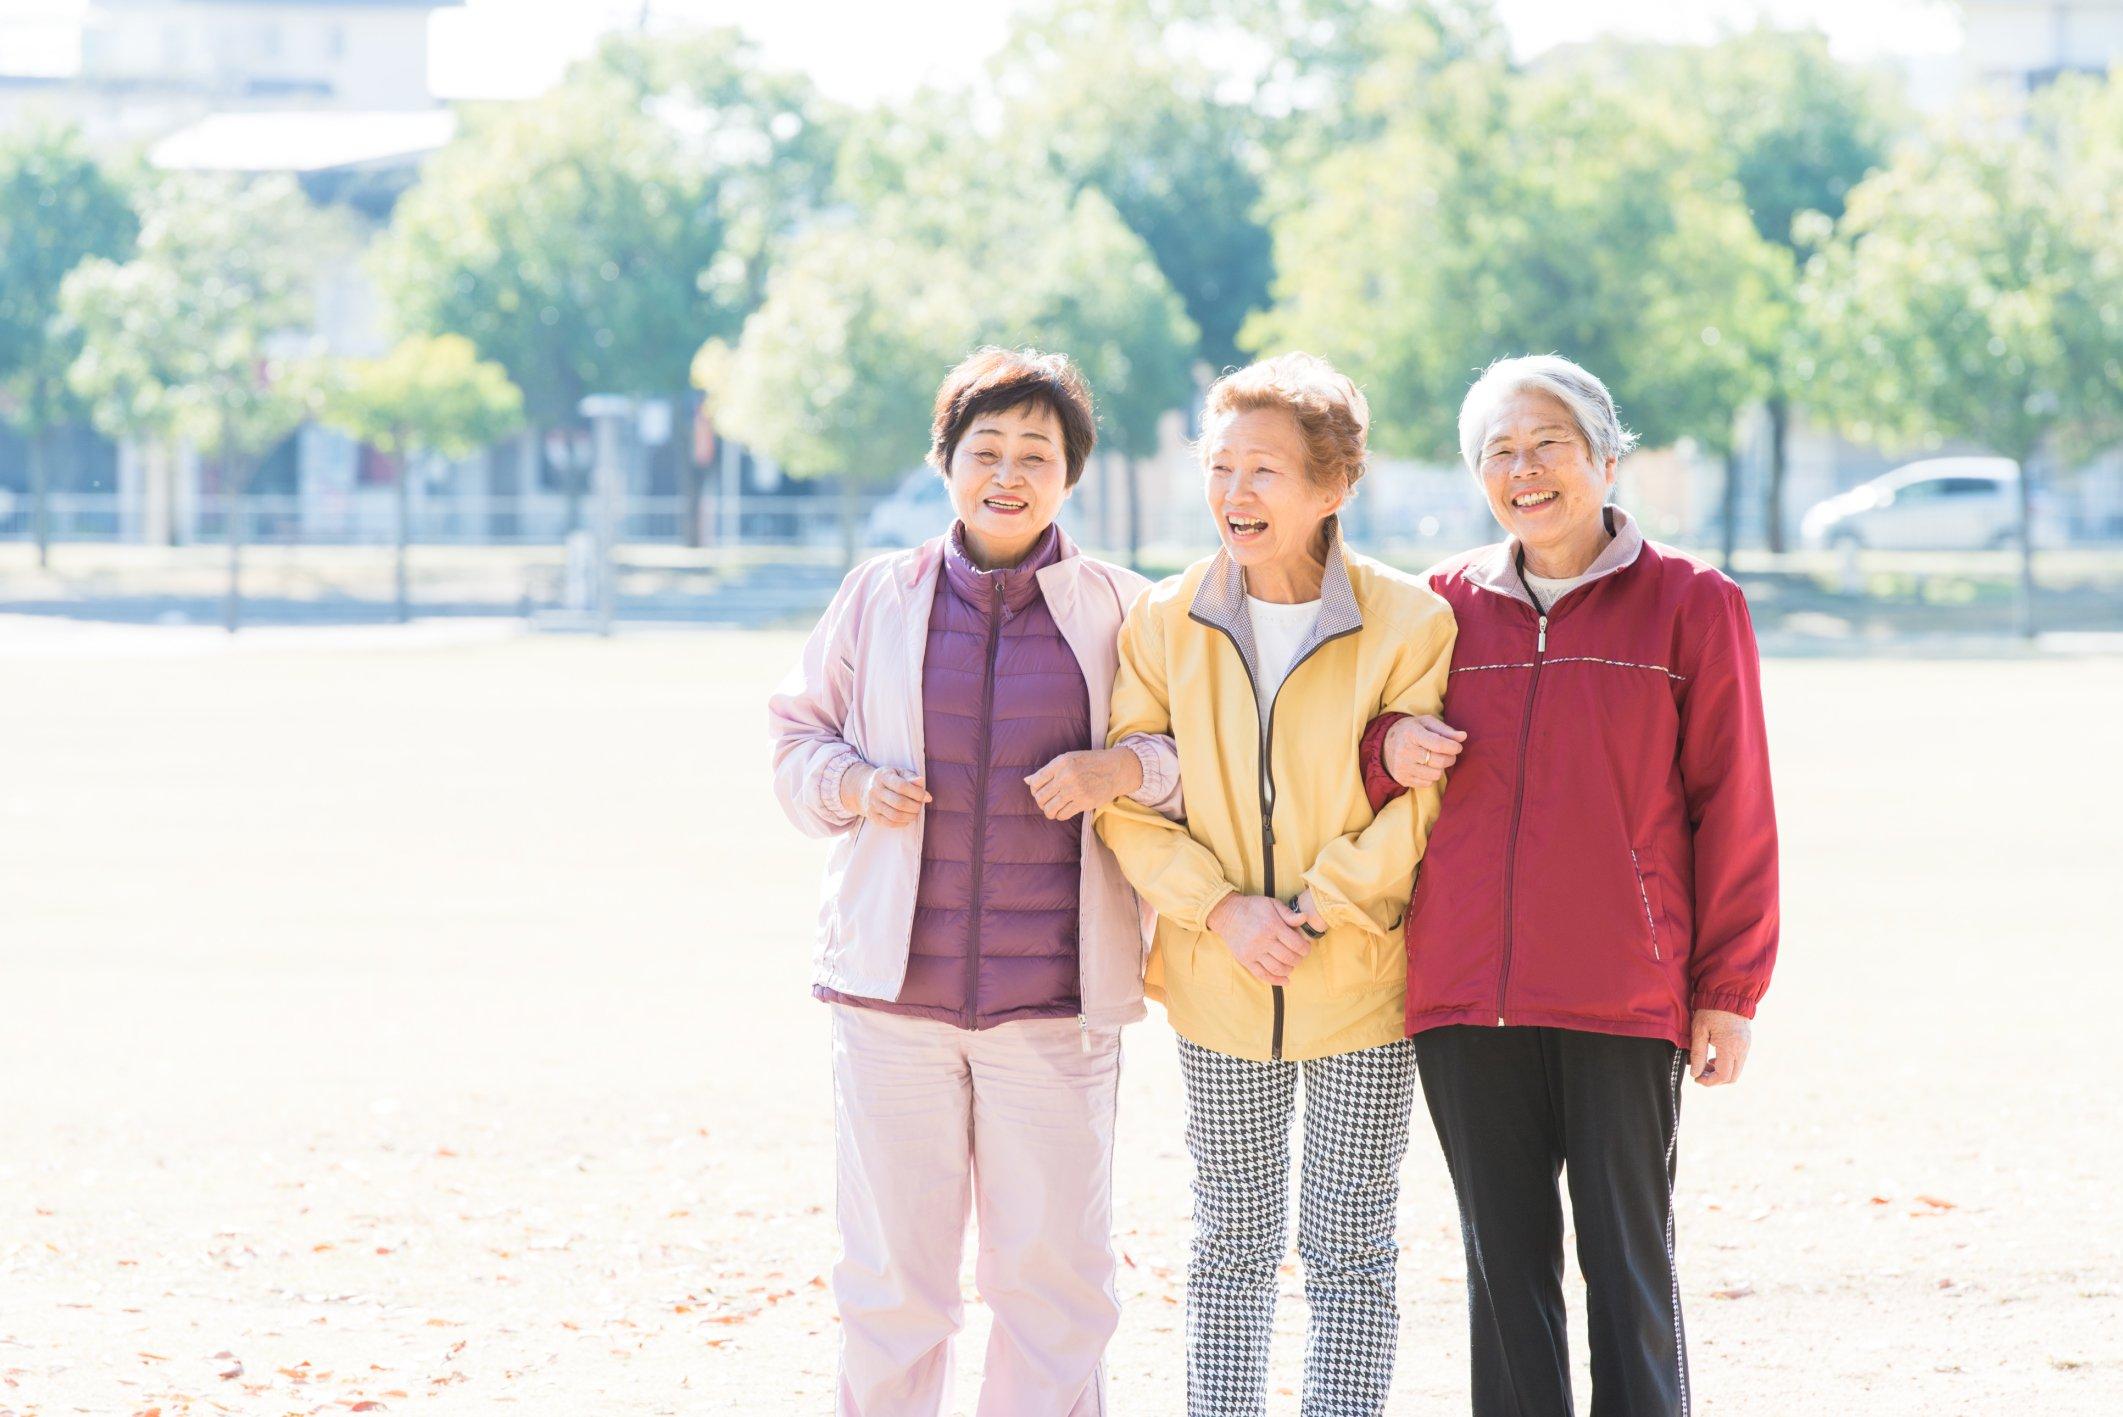 「計算 お年寄り」の画像検索結果